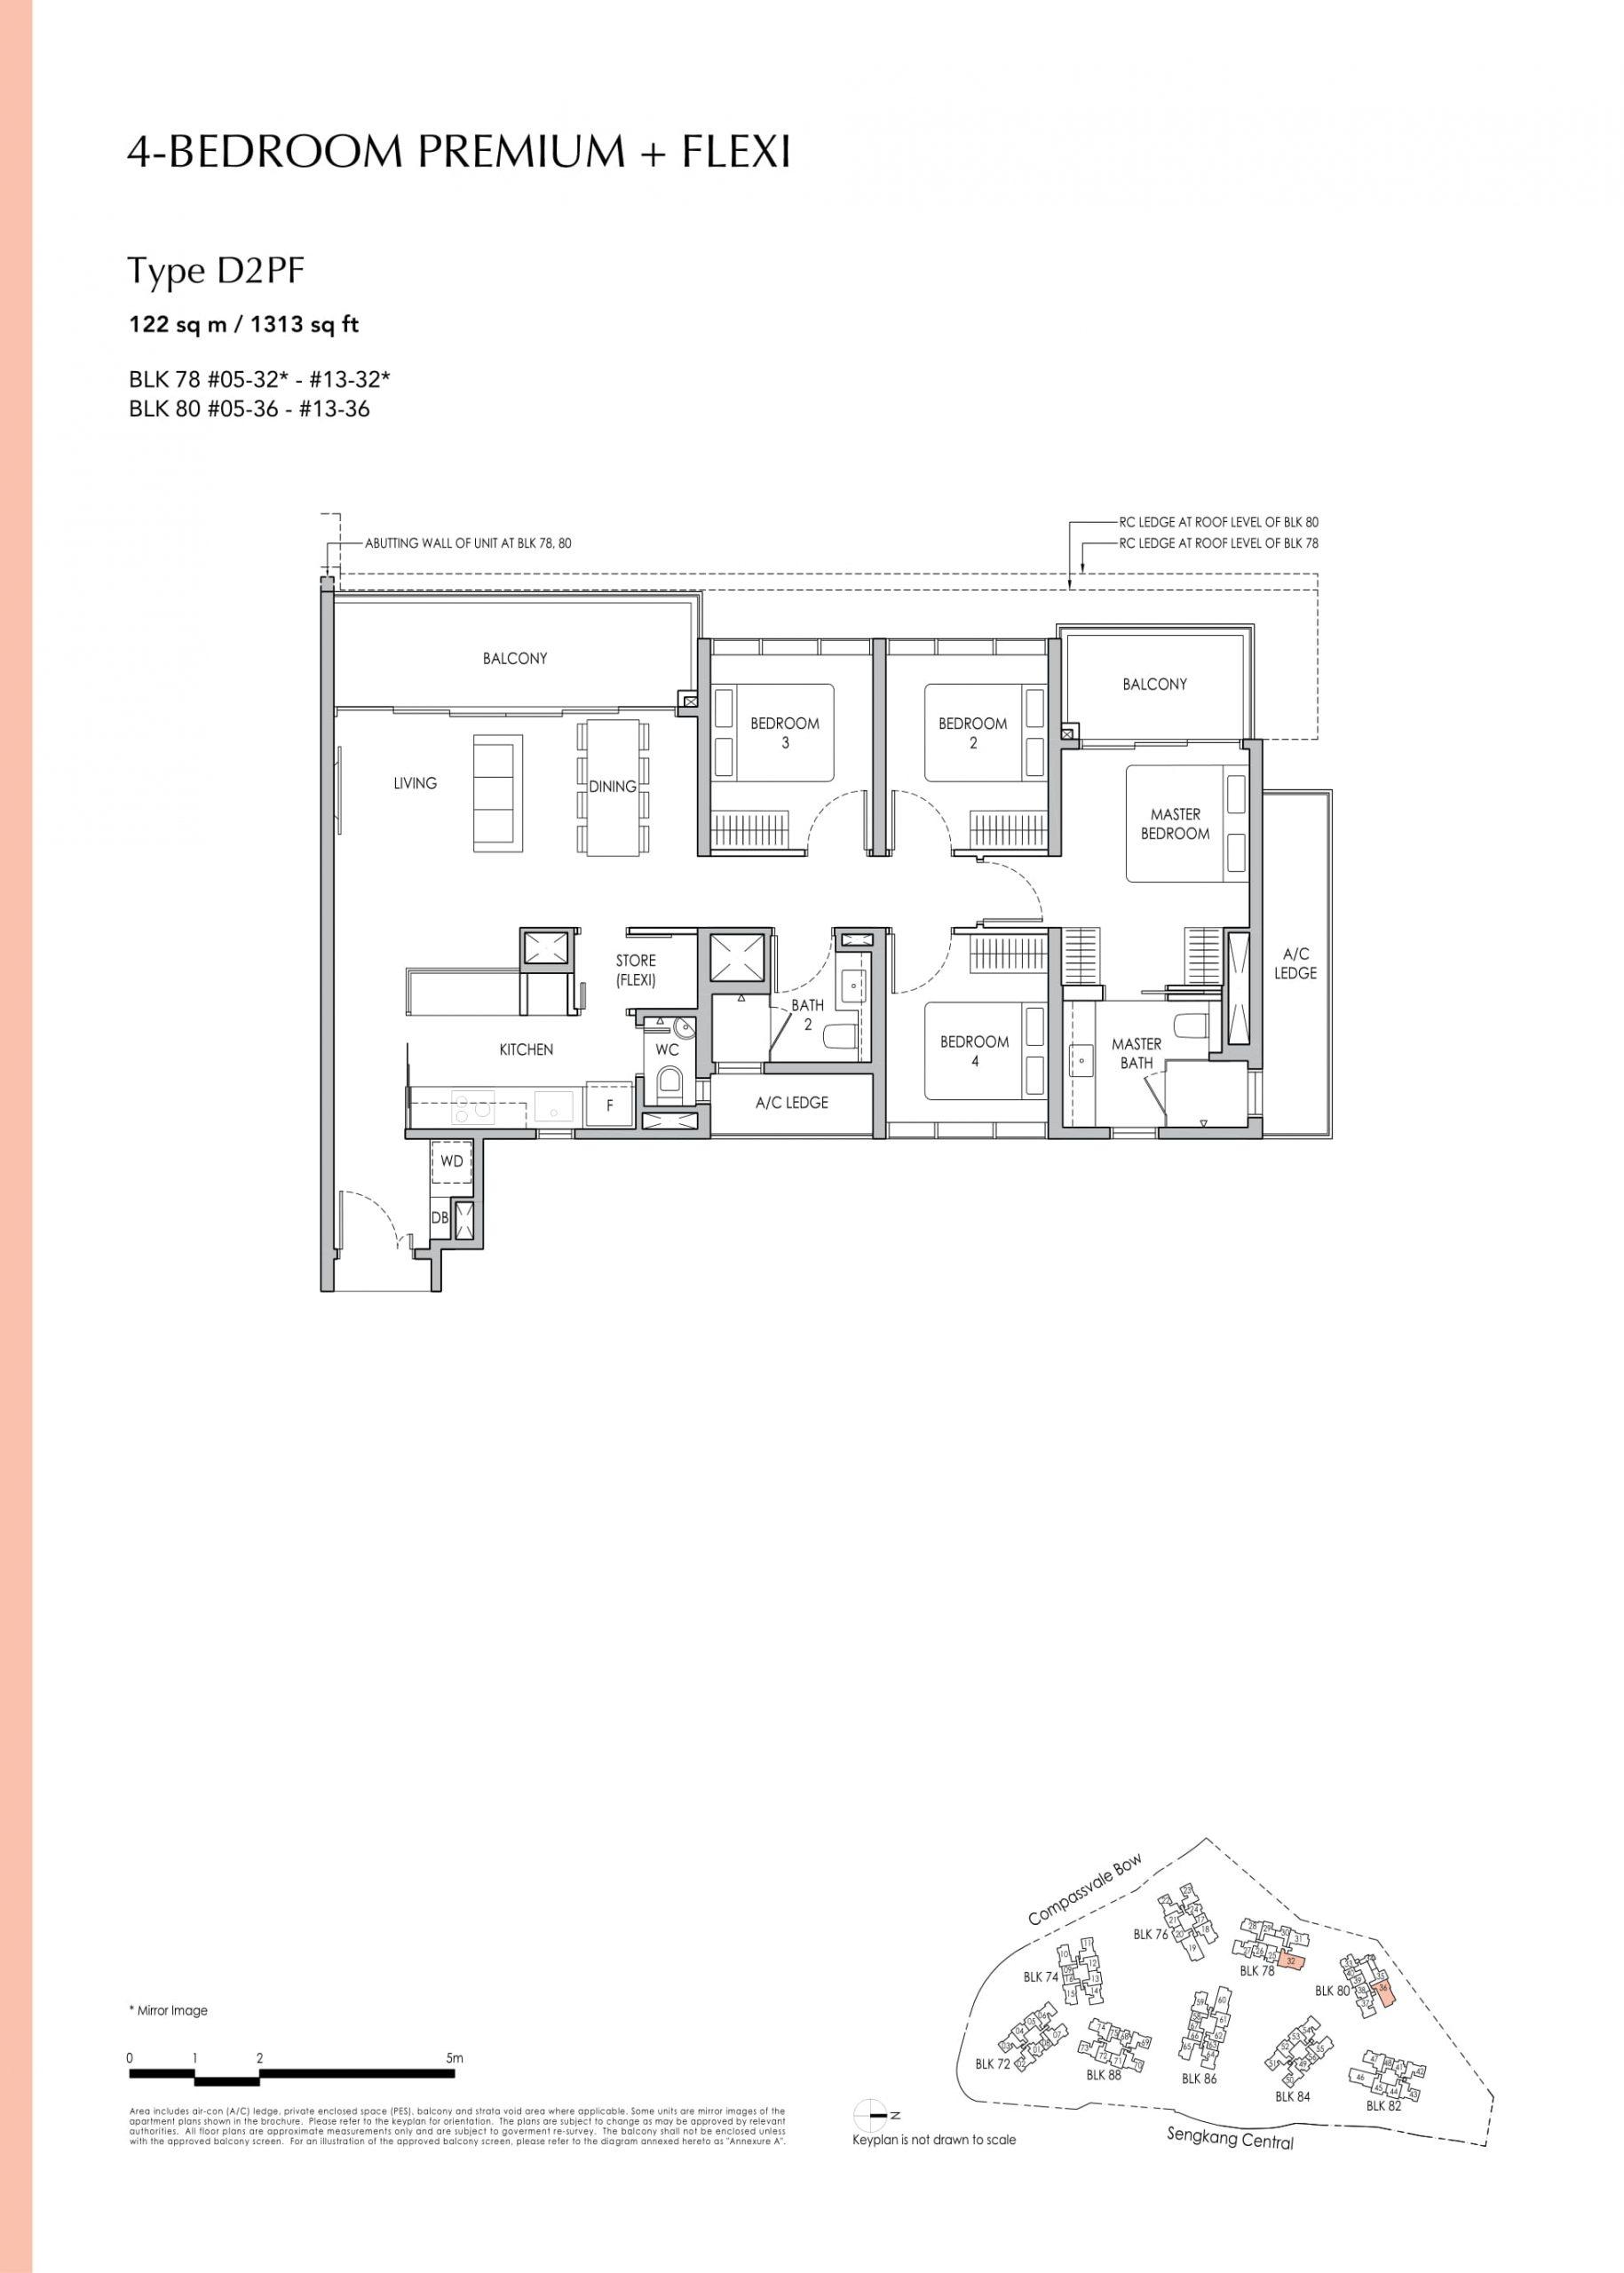 Sengkang Grand Residences' four-bedroom premium + flexi types